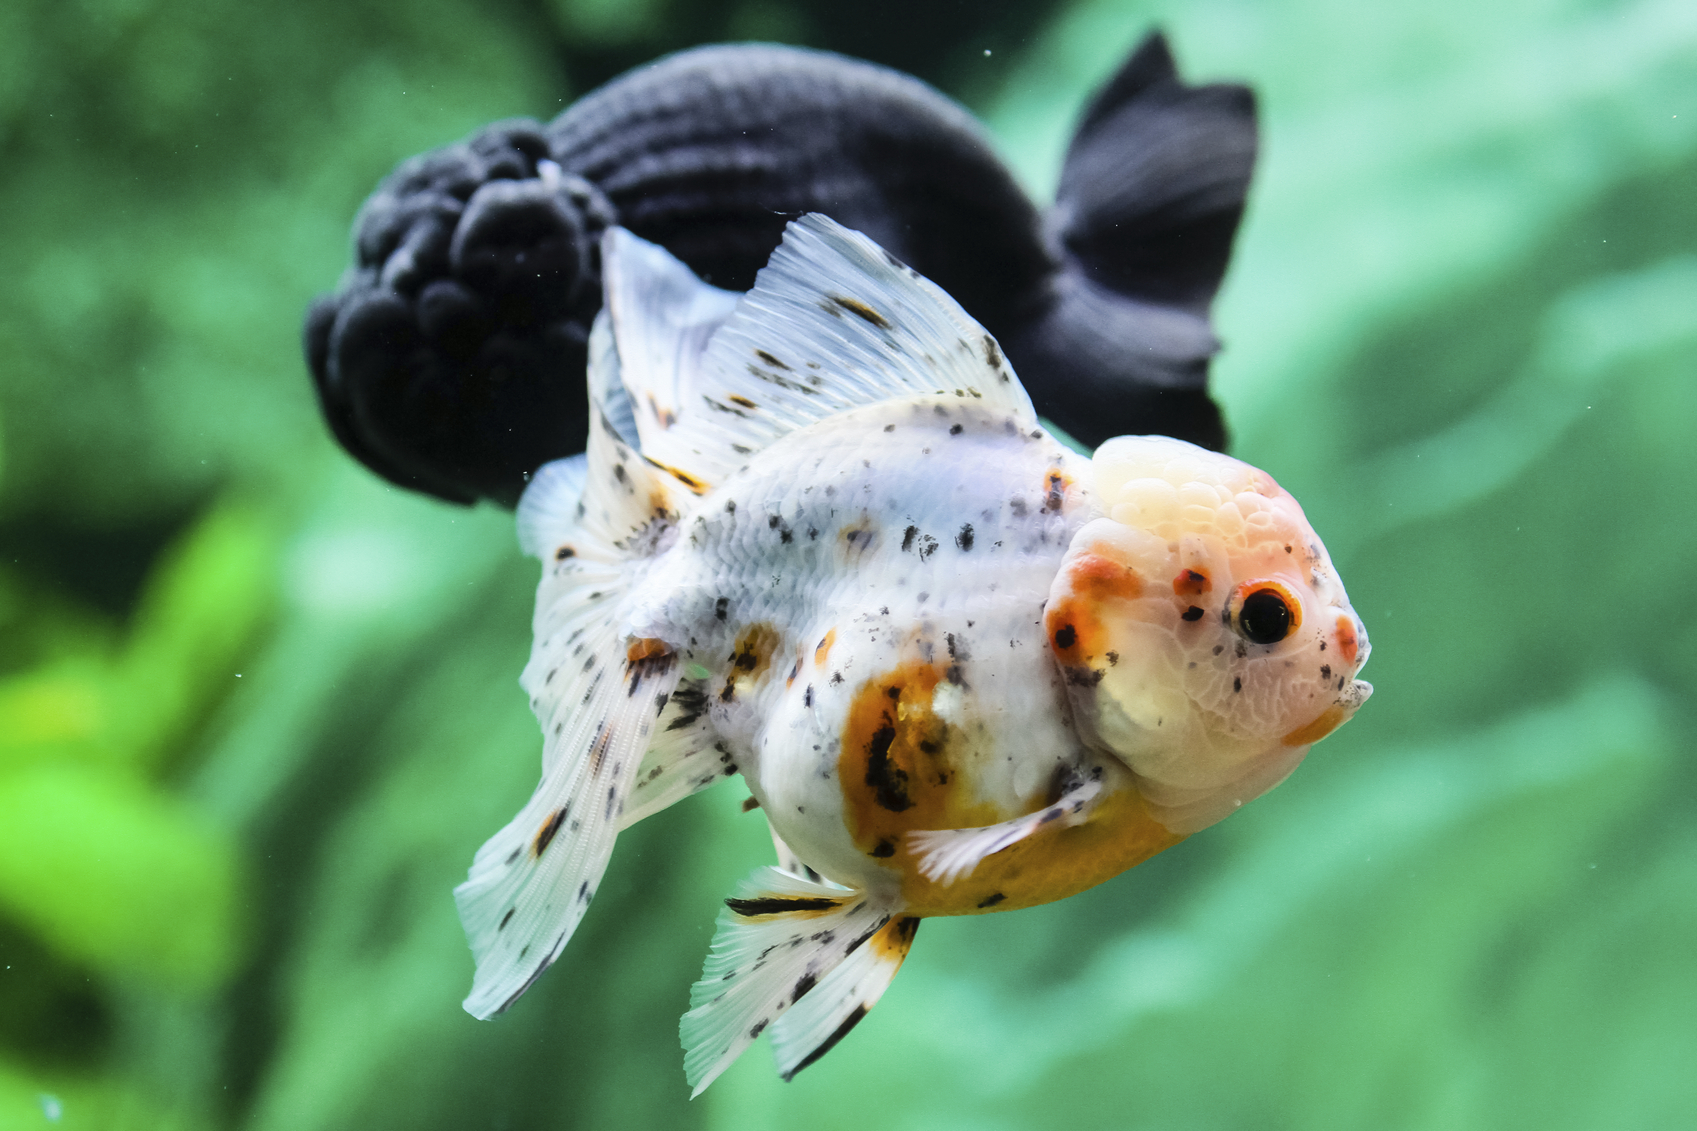 Fish aquarium and good luck - Fish Aquarium And Good Luck